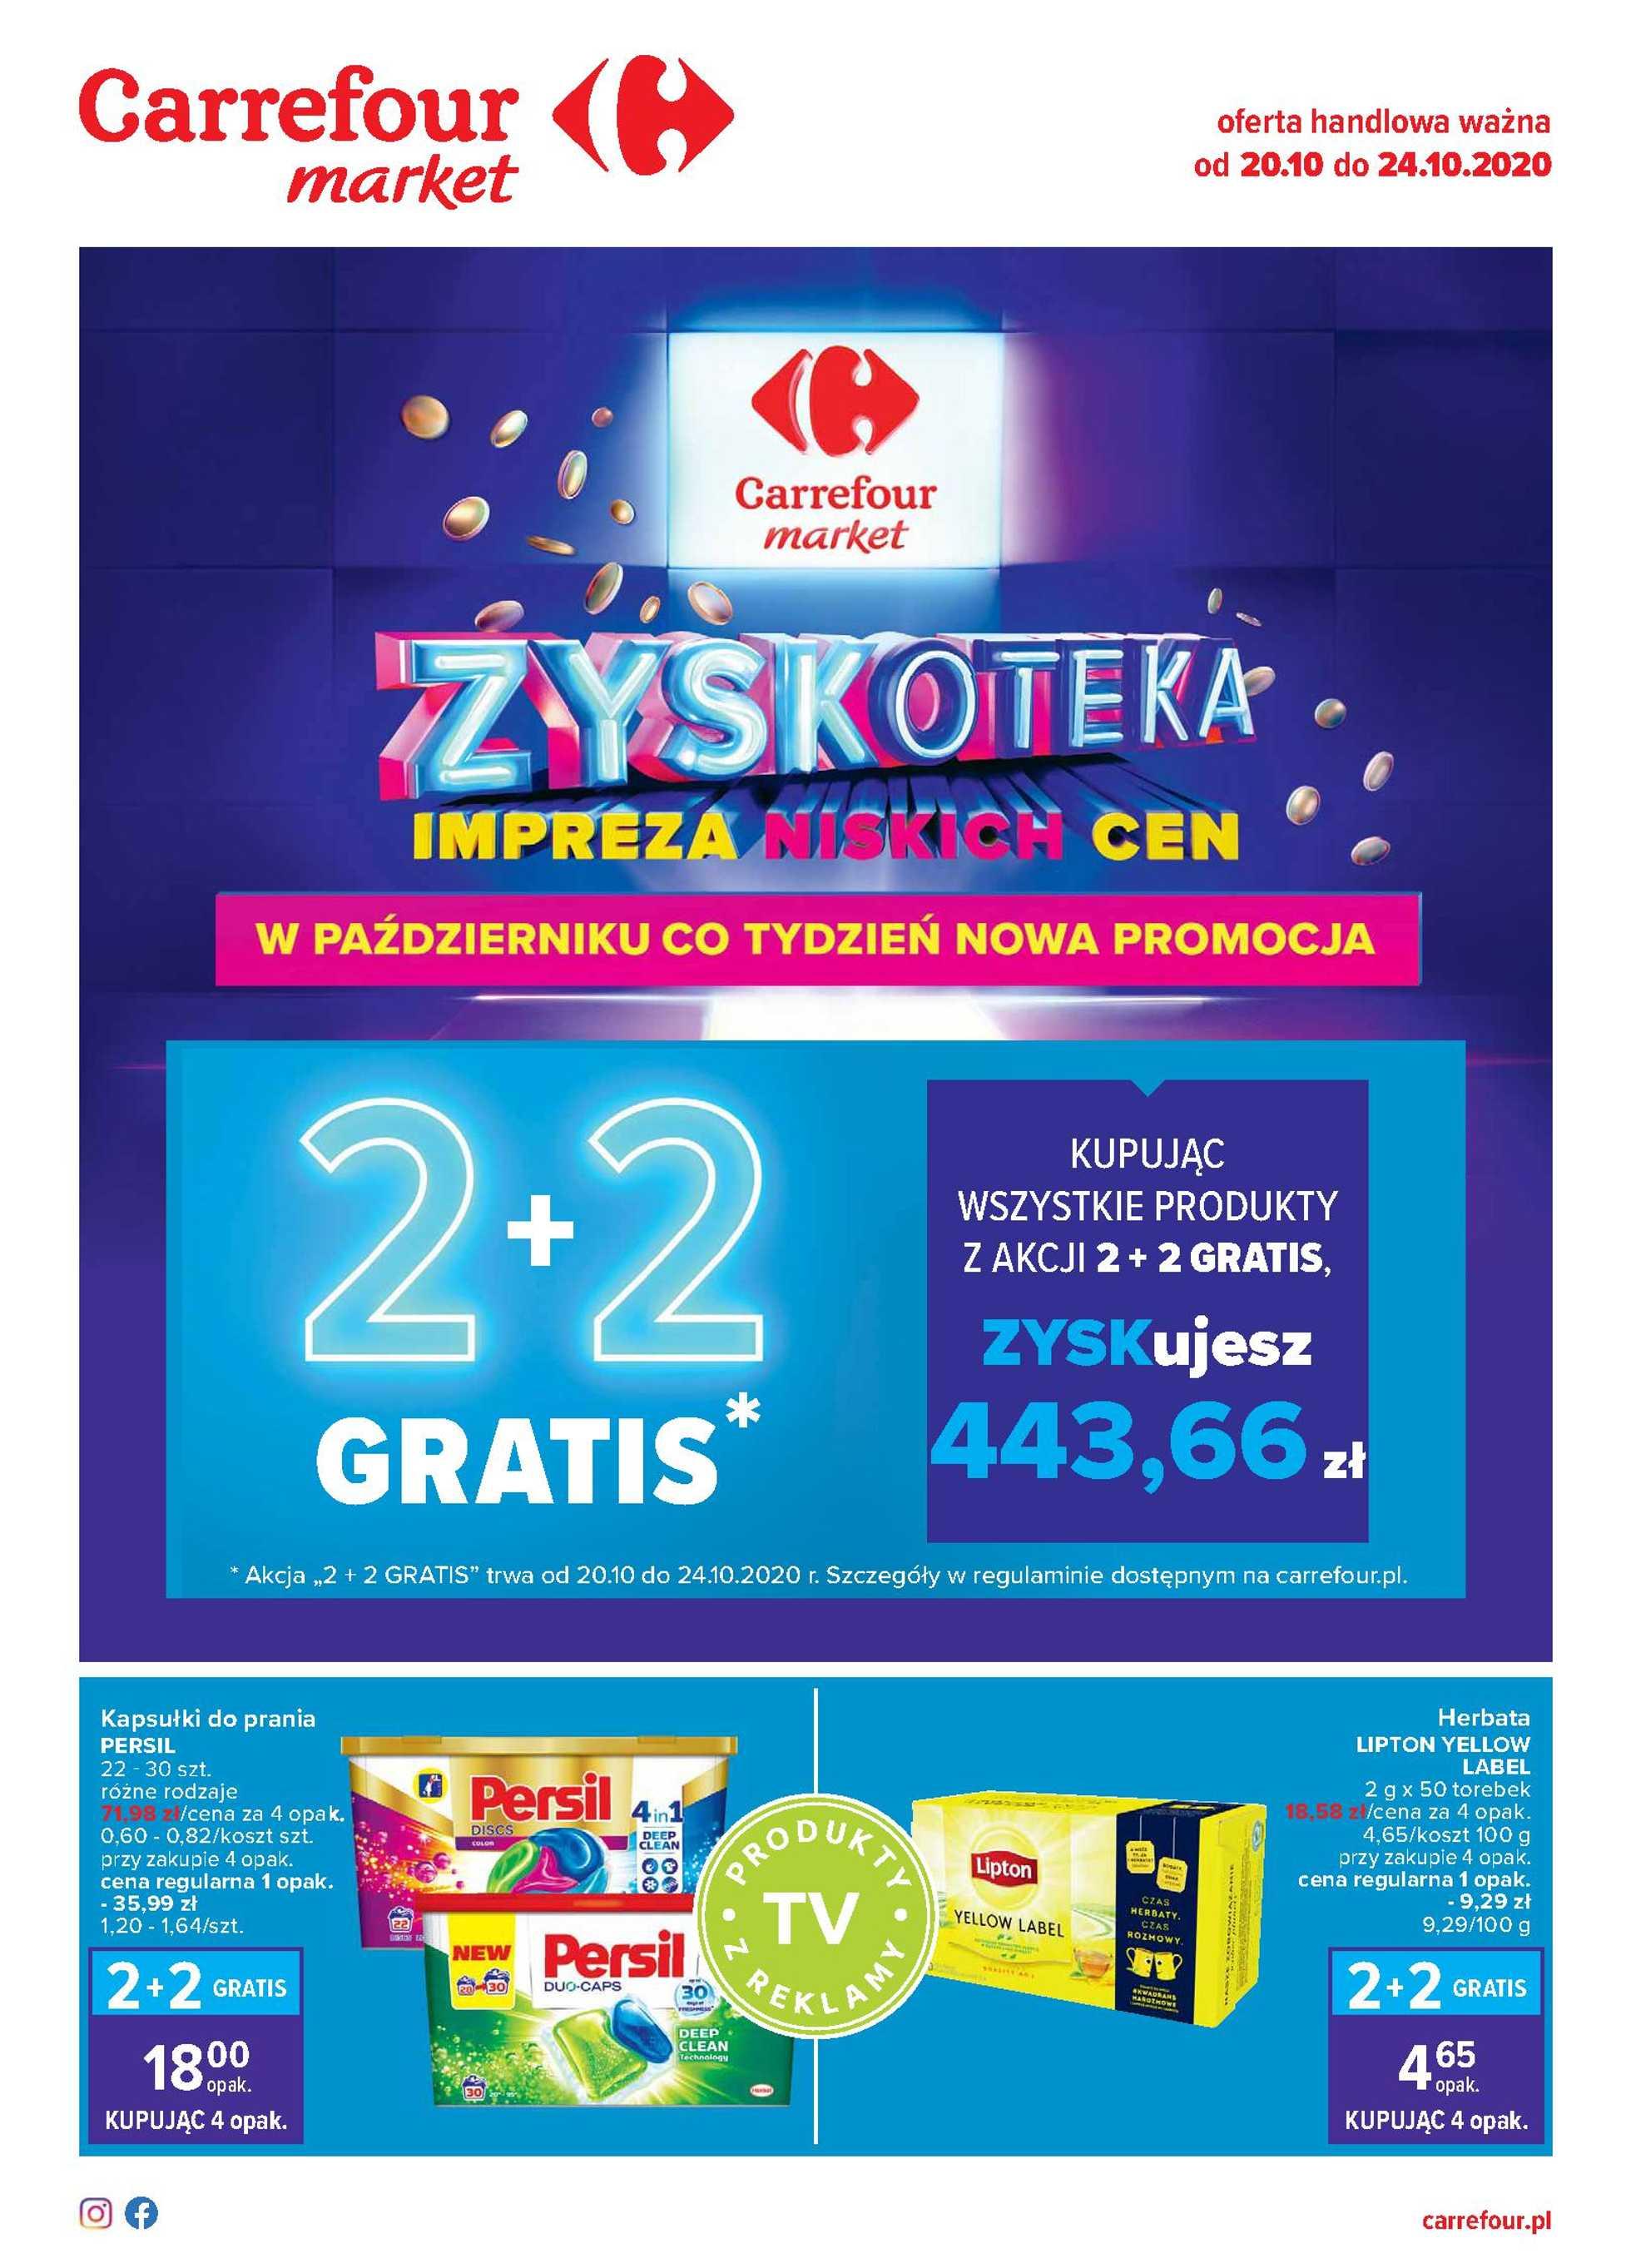 Carrefour Market - gazetka promocyjna ważna od 20.10.2020 do 24.10.2020 - strona 1.